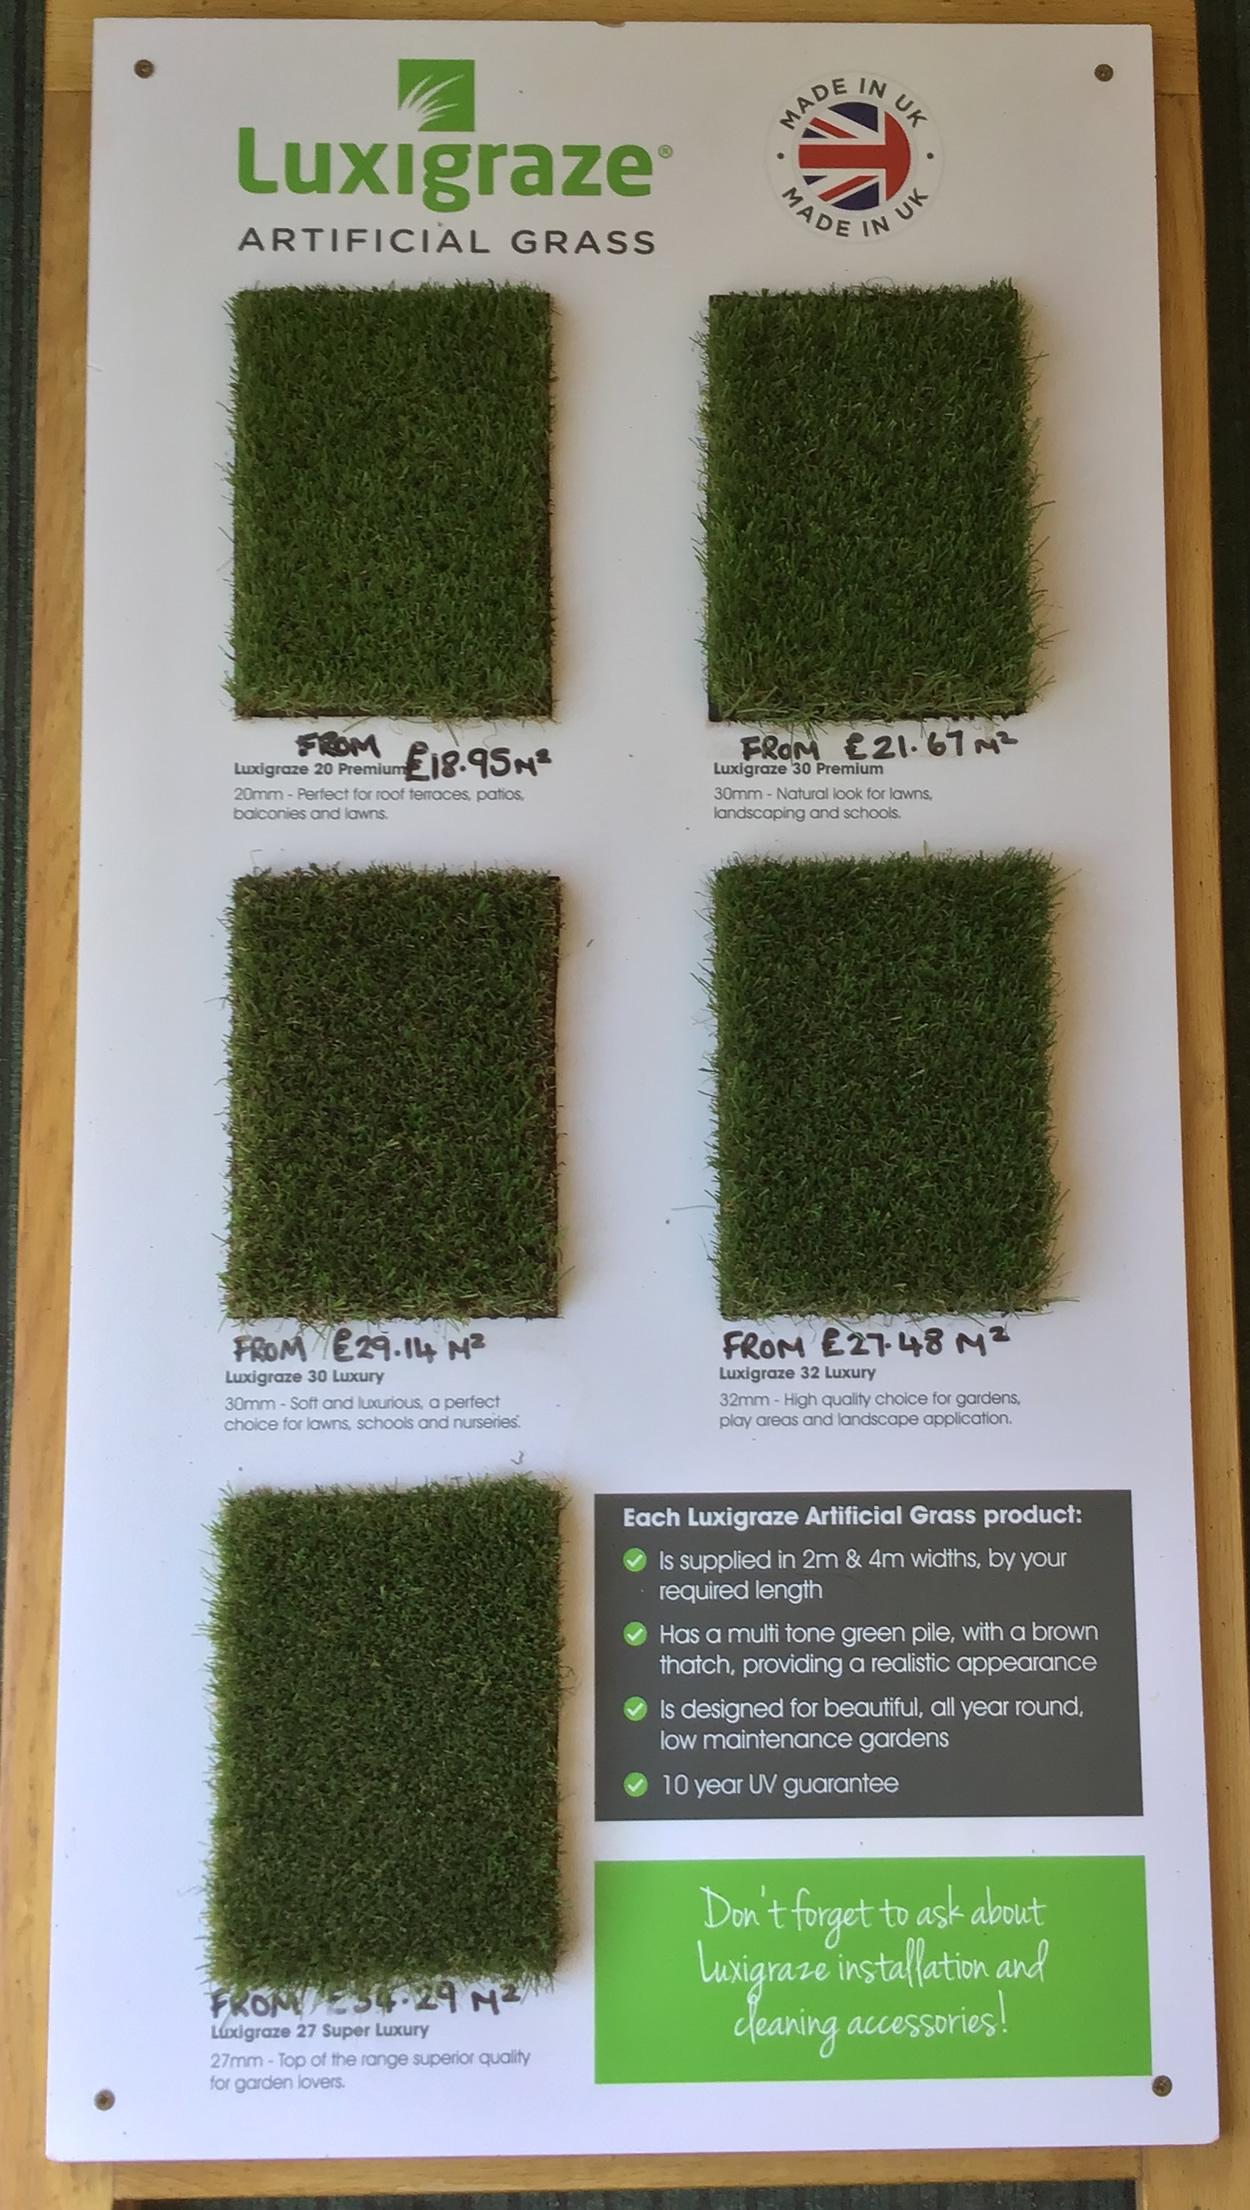 luxigraze_artificial_grass